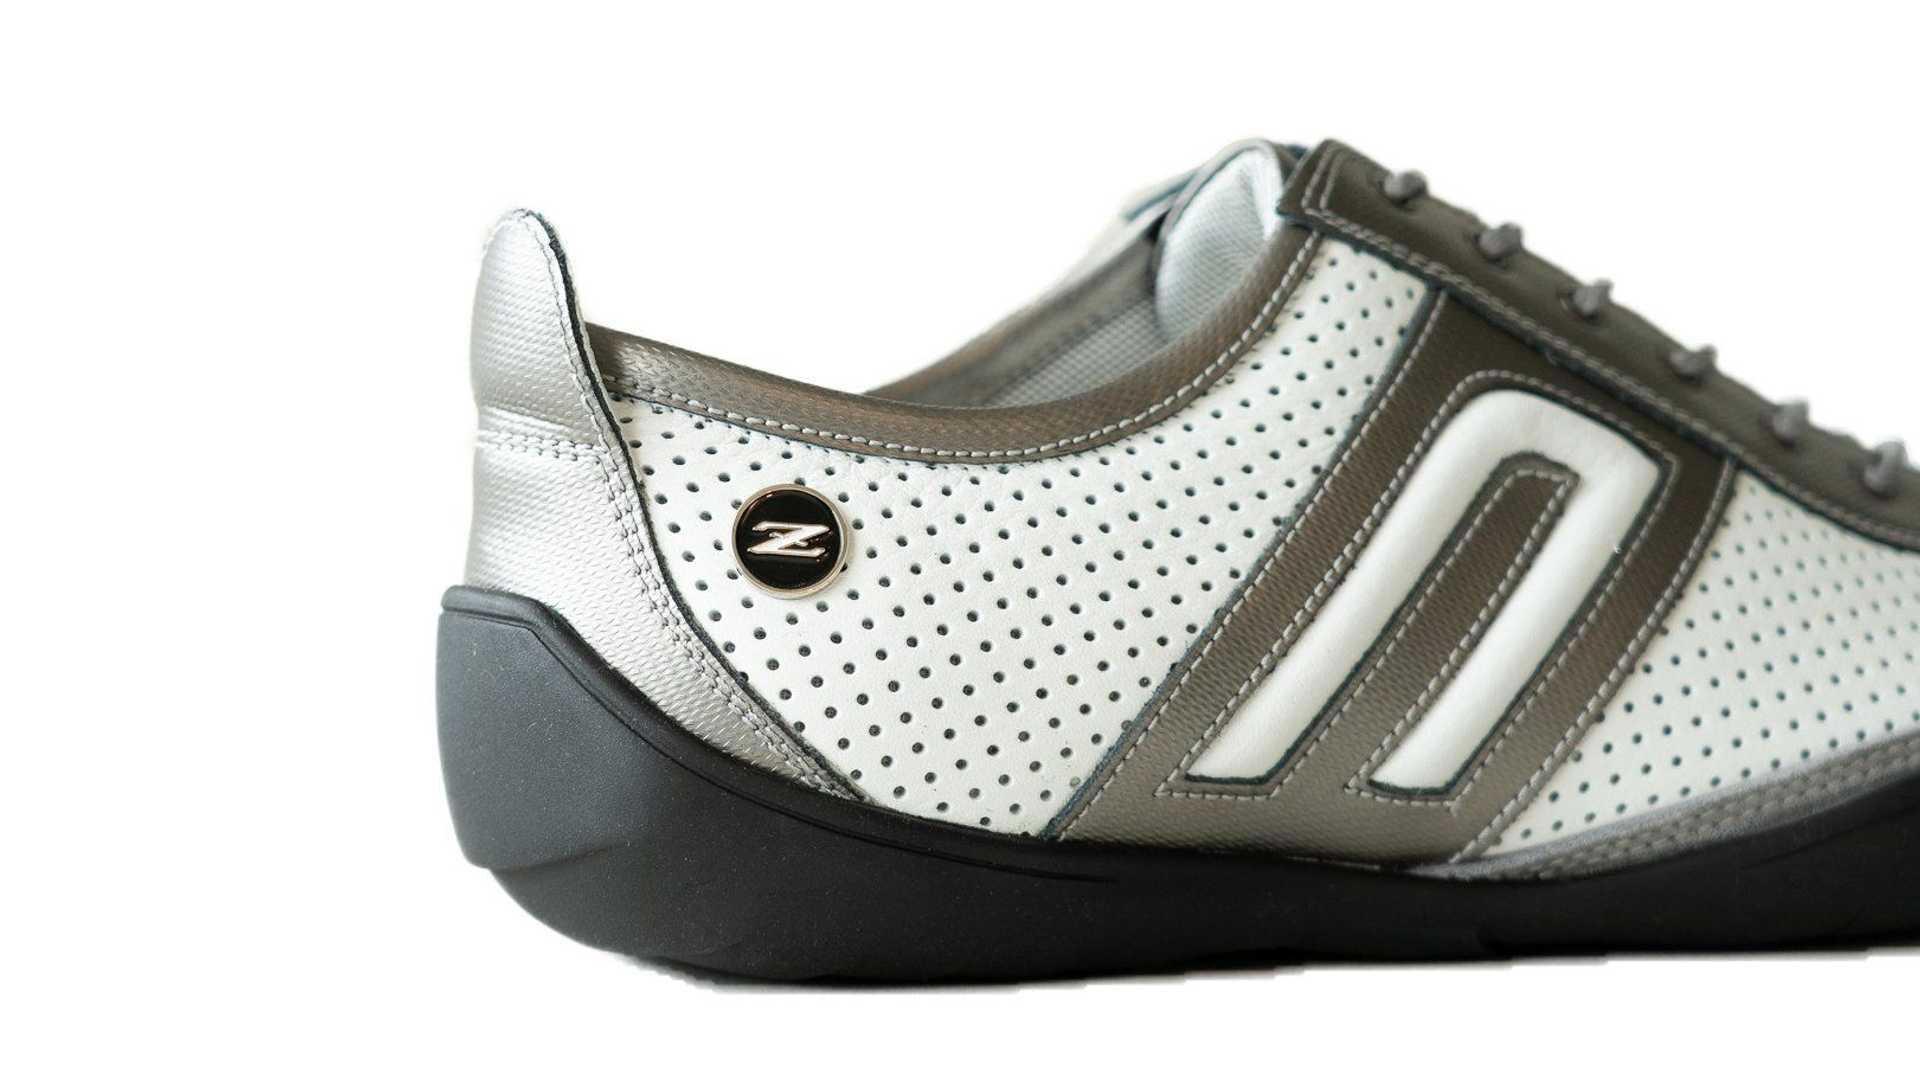 Negroni_Idea_Corsa-Nissan_Z_Shoes-0011